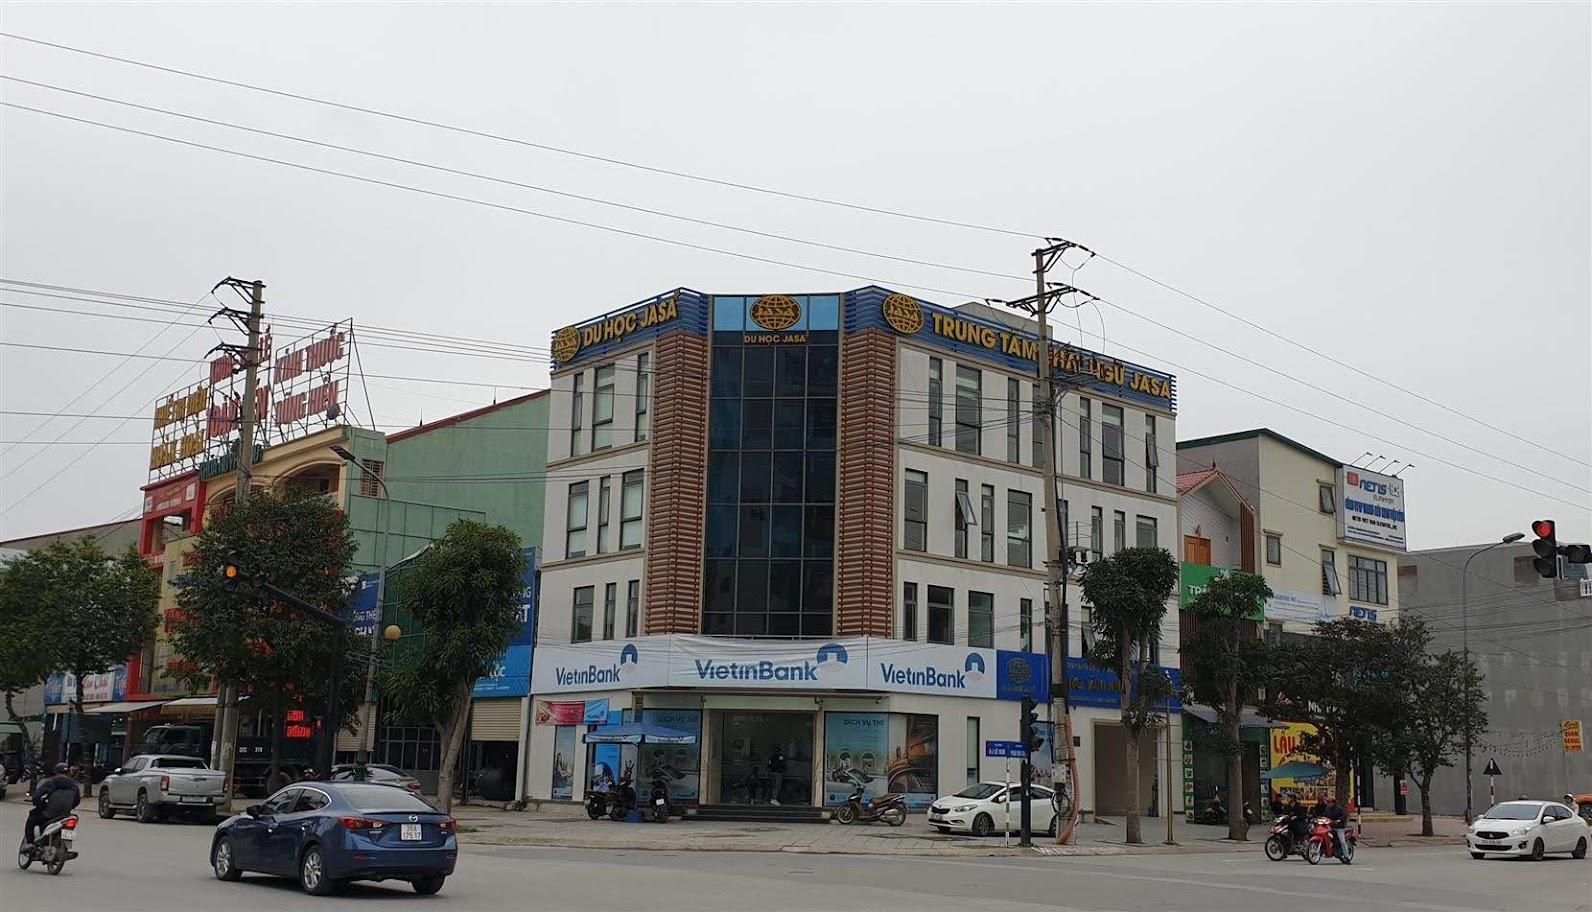 Công ty CP du học quốc tế Jasa, một trong 22 đơn vị tư vấn du học trên địa bàn TP Vinh vừa bị thu hồi giấy chứng nhận đăng ký kinh doanh dịch vụ                 tư vấn du học - Ảnh: THIỆN THÀNH